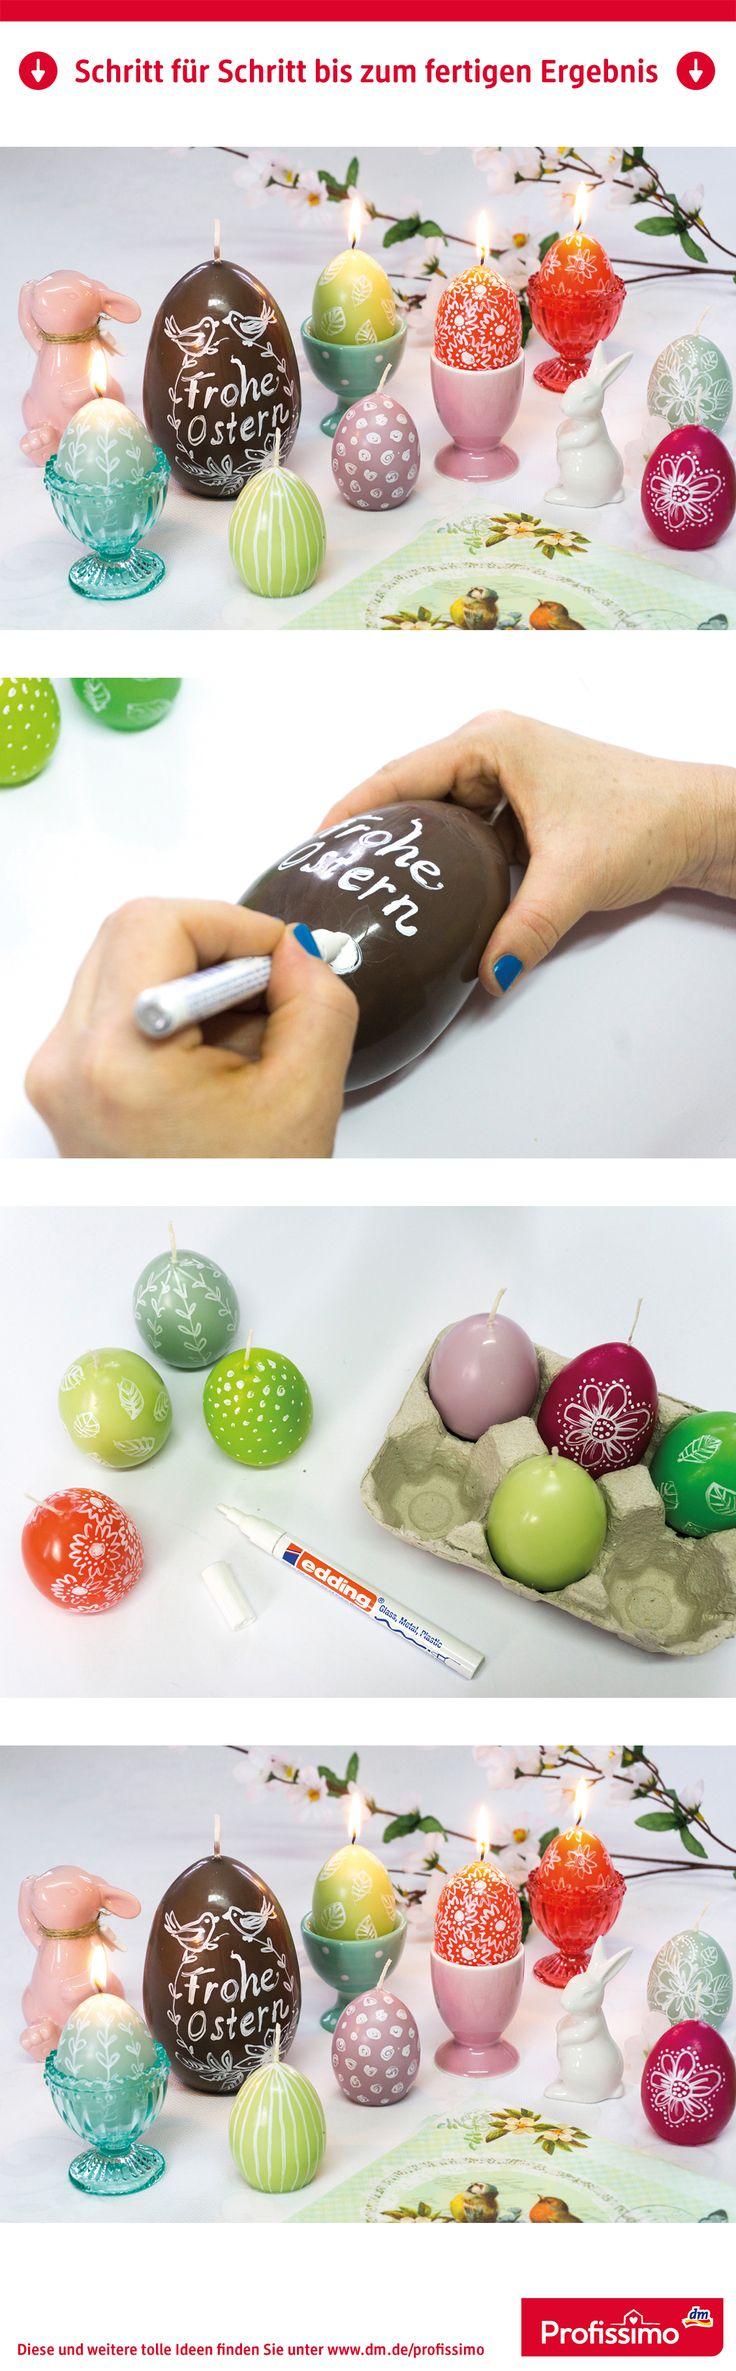 Hingucker zu Ostern: Individuell verzierte Eierkerzen // Nicht nur die Eier am Osterstrauß lassen sich bemalen und verzieren. Besonders hübsch sind auch diese Eierkerzen, die ganz einfach mit einem weißen Lackstift bemalt und beschriftet werden. // // Eine Schritt-für-Schritt Anleitung finden Sie auf dm.de/profissimo-kreativ // #ProfissimoKreativ #basteln #Idee #Kreativ #DIY